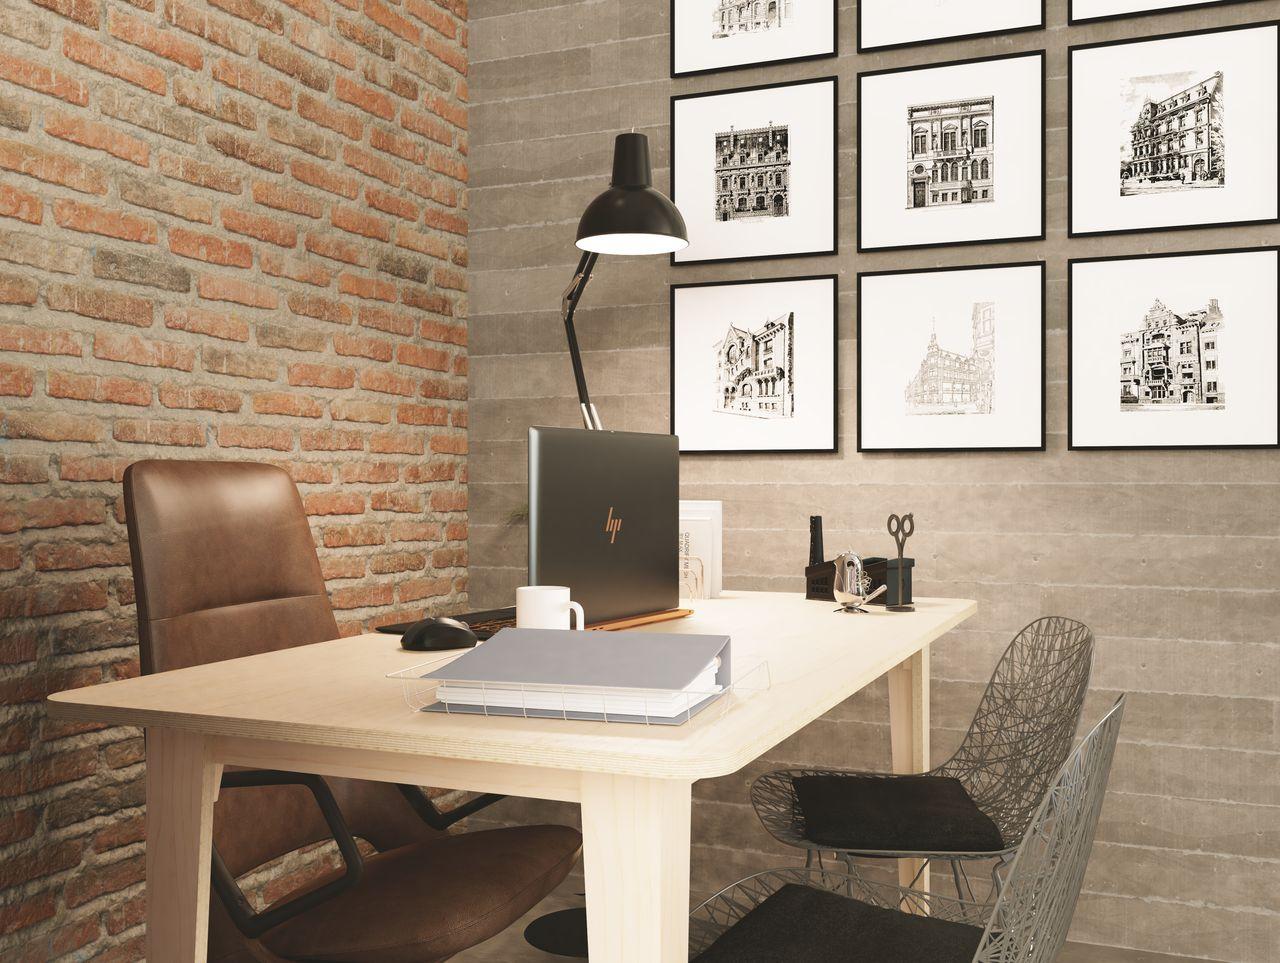 Bureau épuré au design simple et élégant disposé dans un bureau individuel à l'ambiance et au style industriel avec une lampe rétro noire et des briques rouges